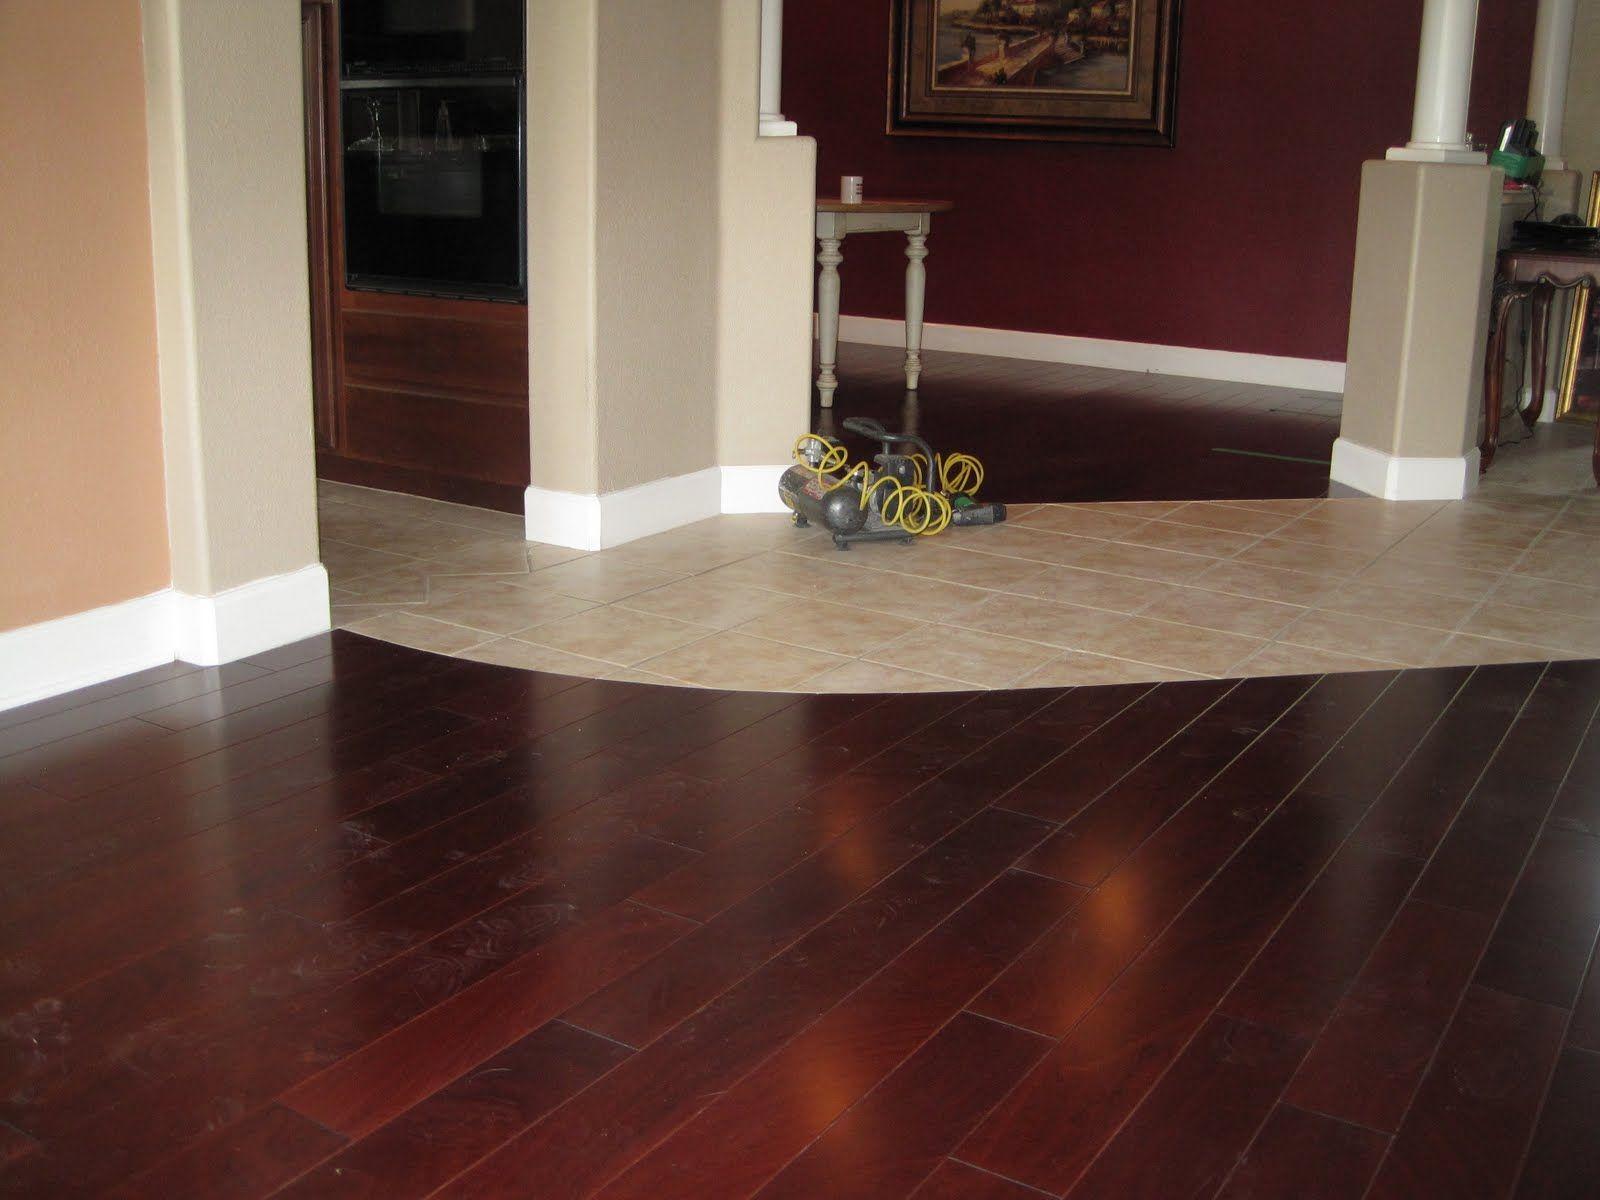 Tile and hardwood floor designs our customer chose mannington kitchen ceramic tile designs hardwood and tile floor designs dailygadgetfo Gallery